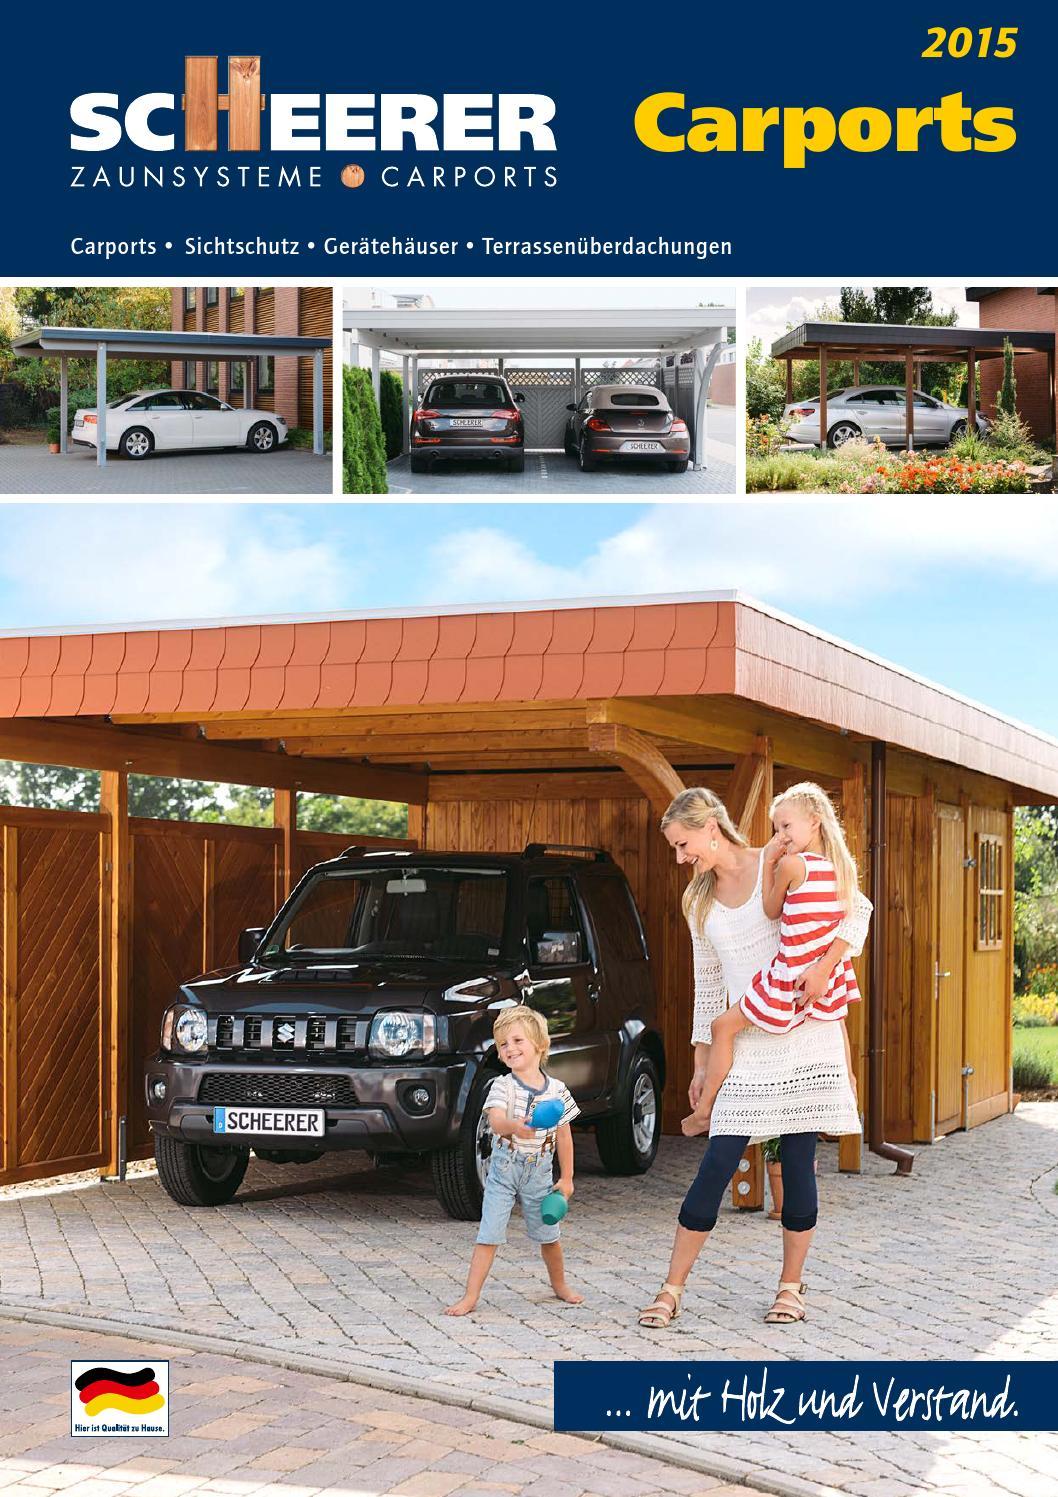 Scheerer Carports 2015 by Opus Marketing GmbH issuu